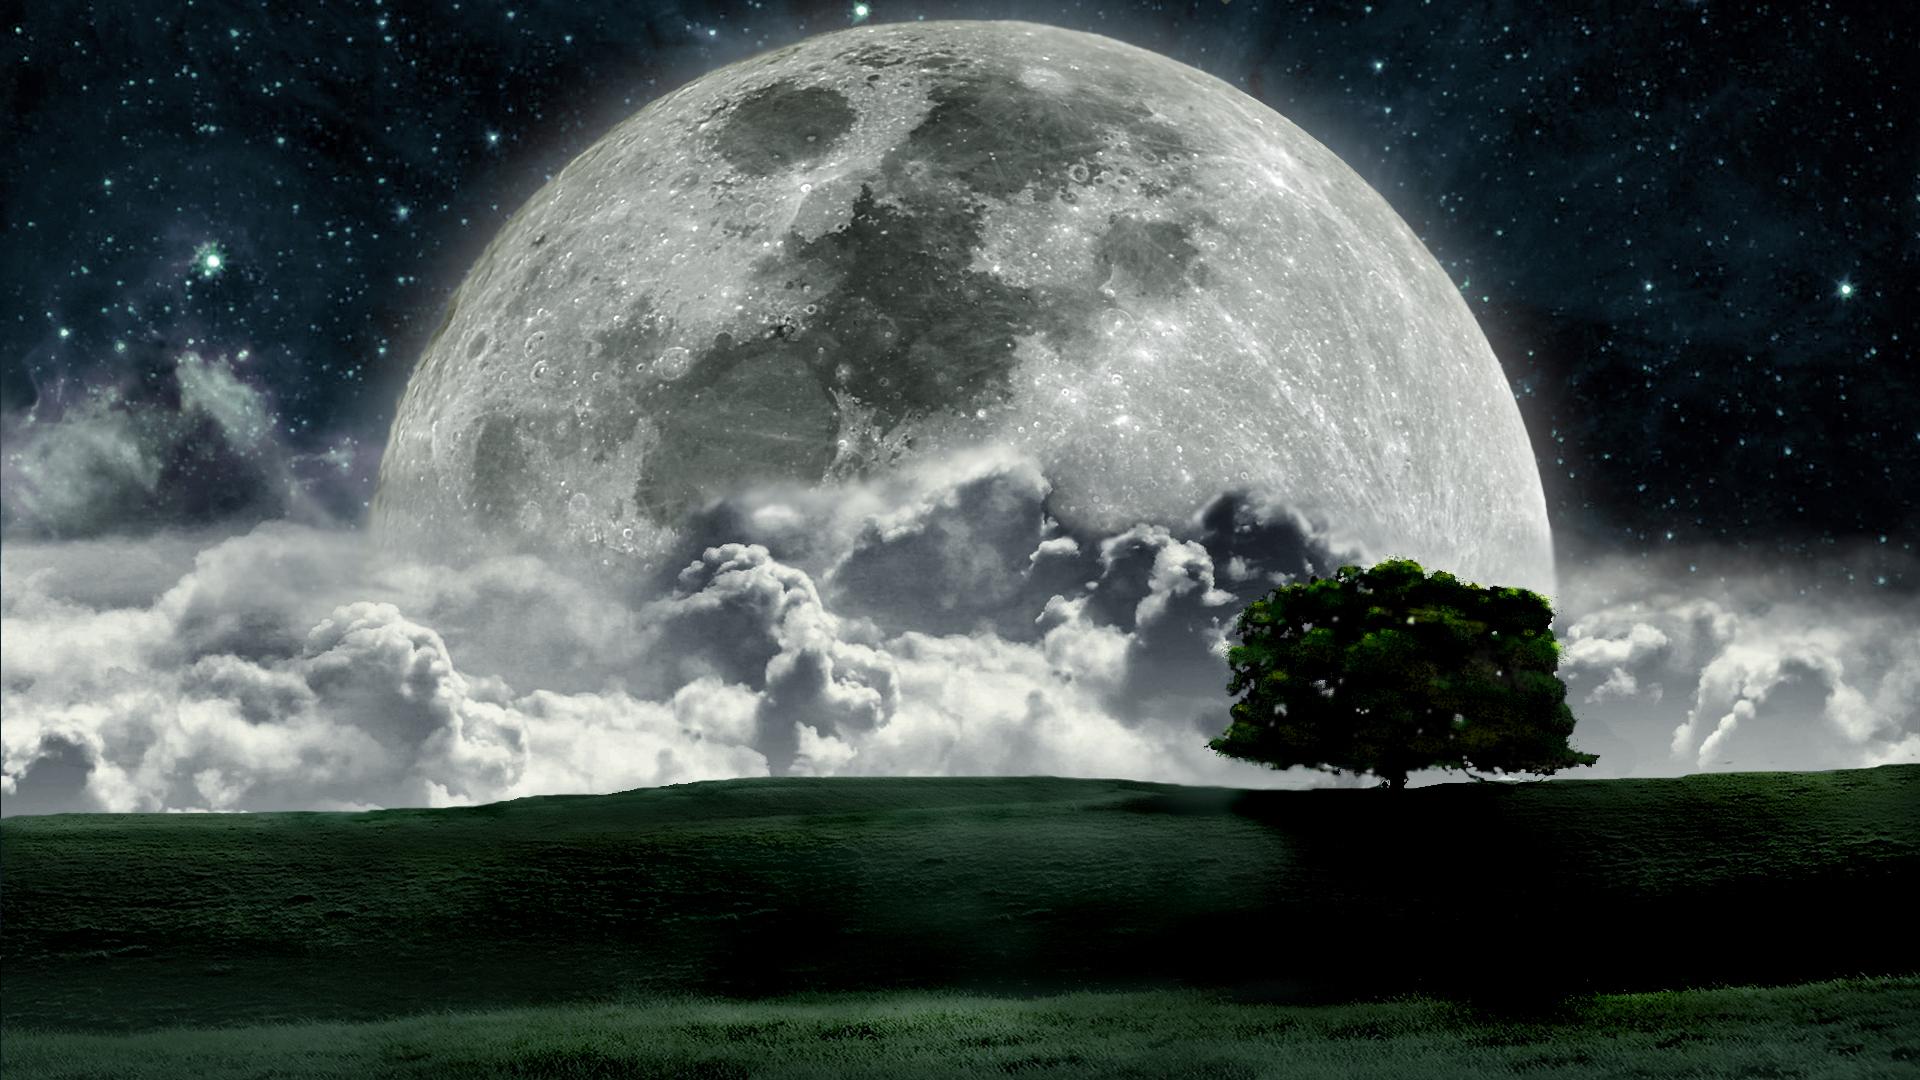 بالصور صور قمر , اجمل خلفيات للقمر 922